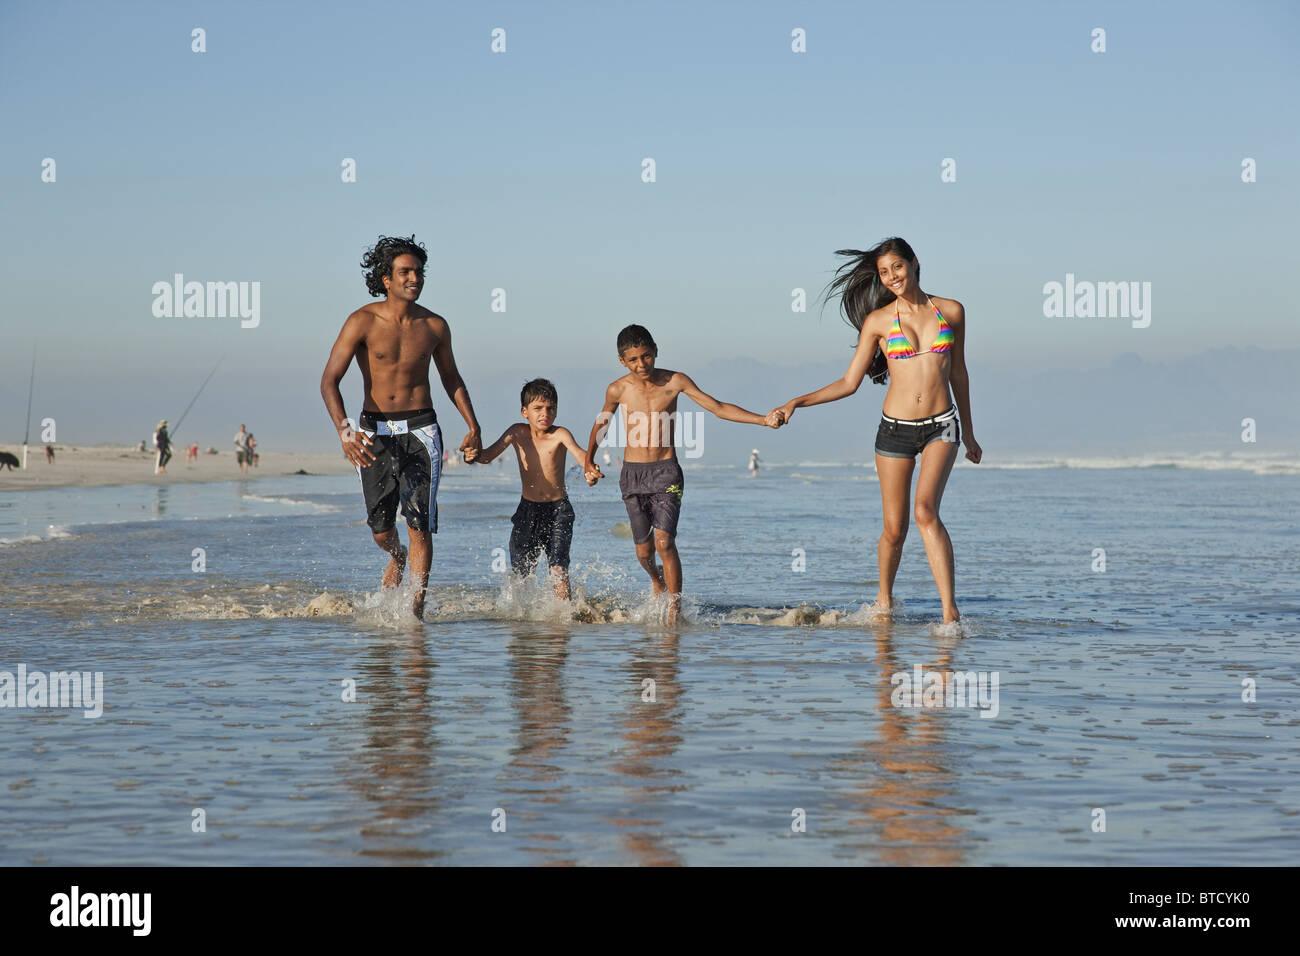 Familia india, vestida con traje de baño, jugando en las olas superficiales. Imagen De Stock